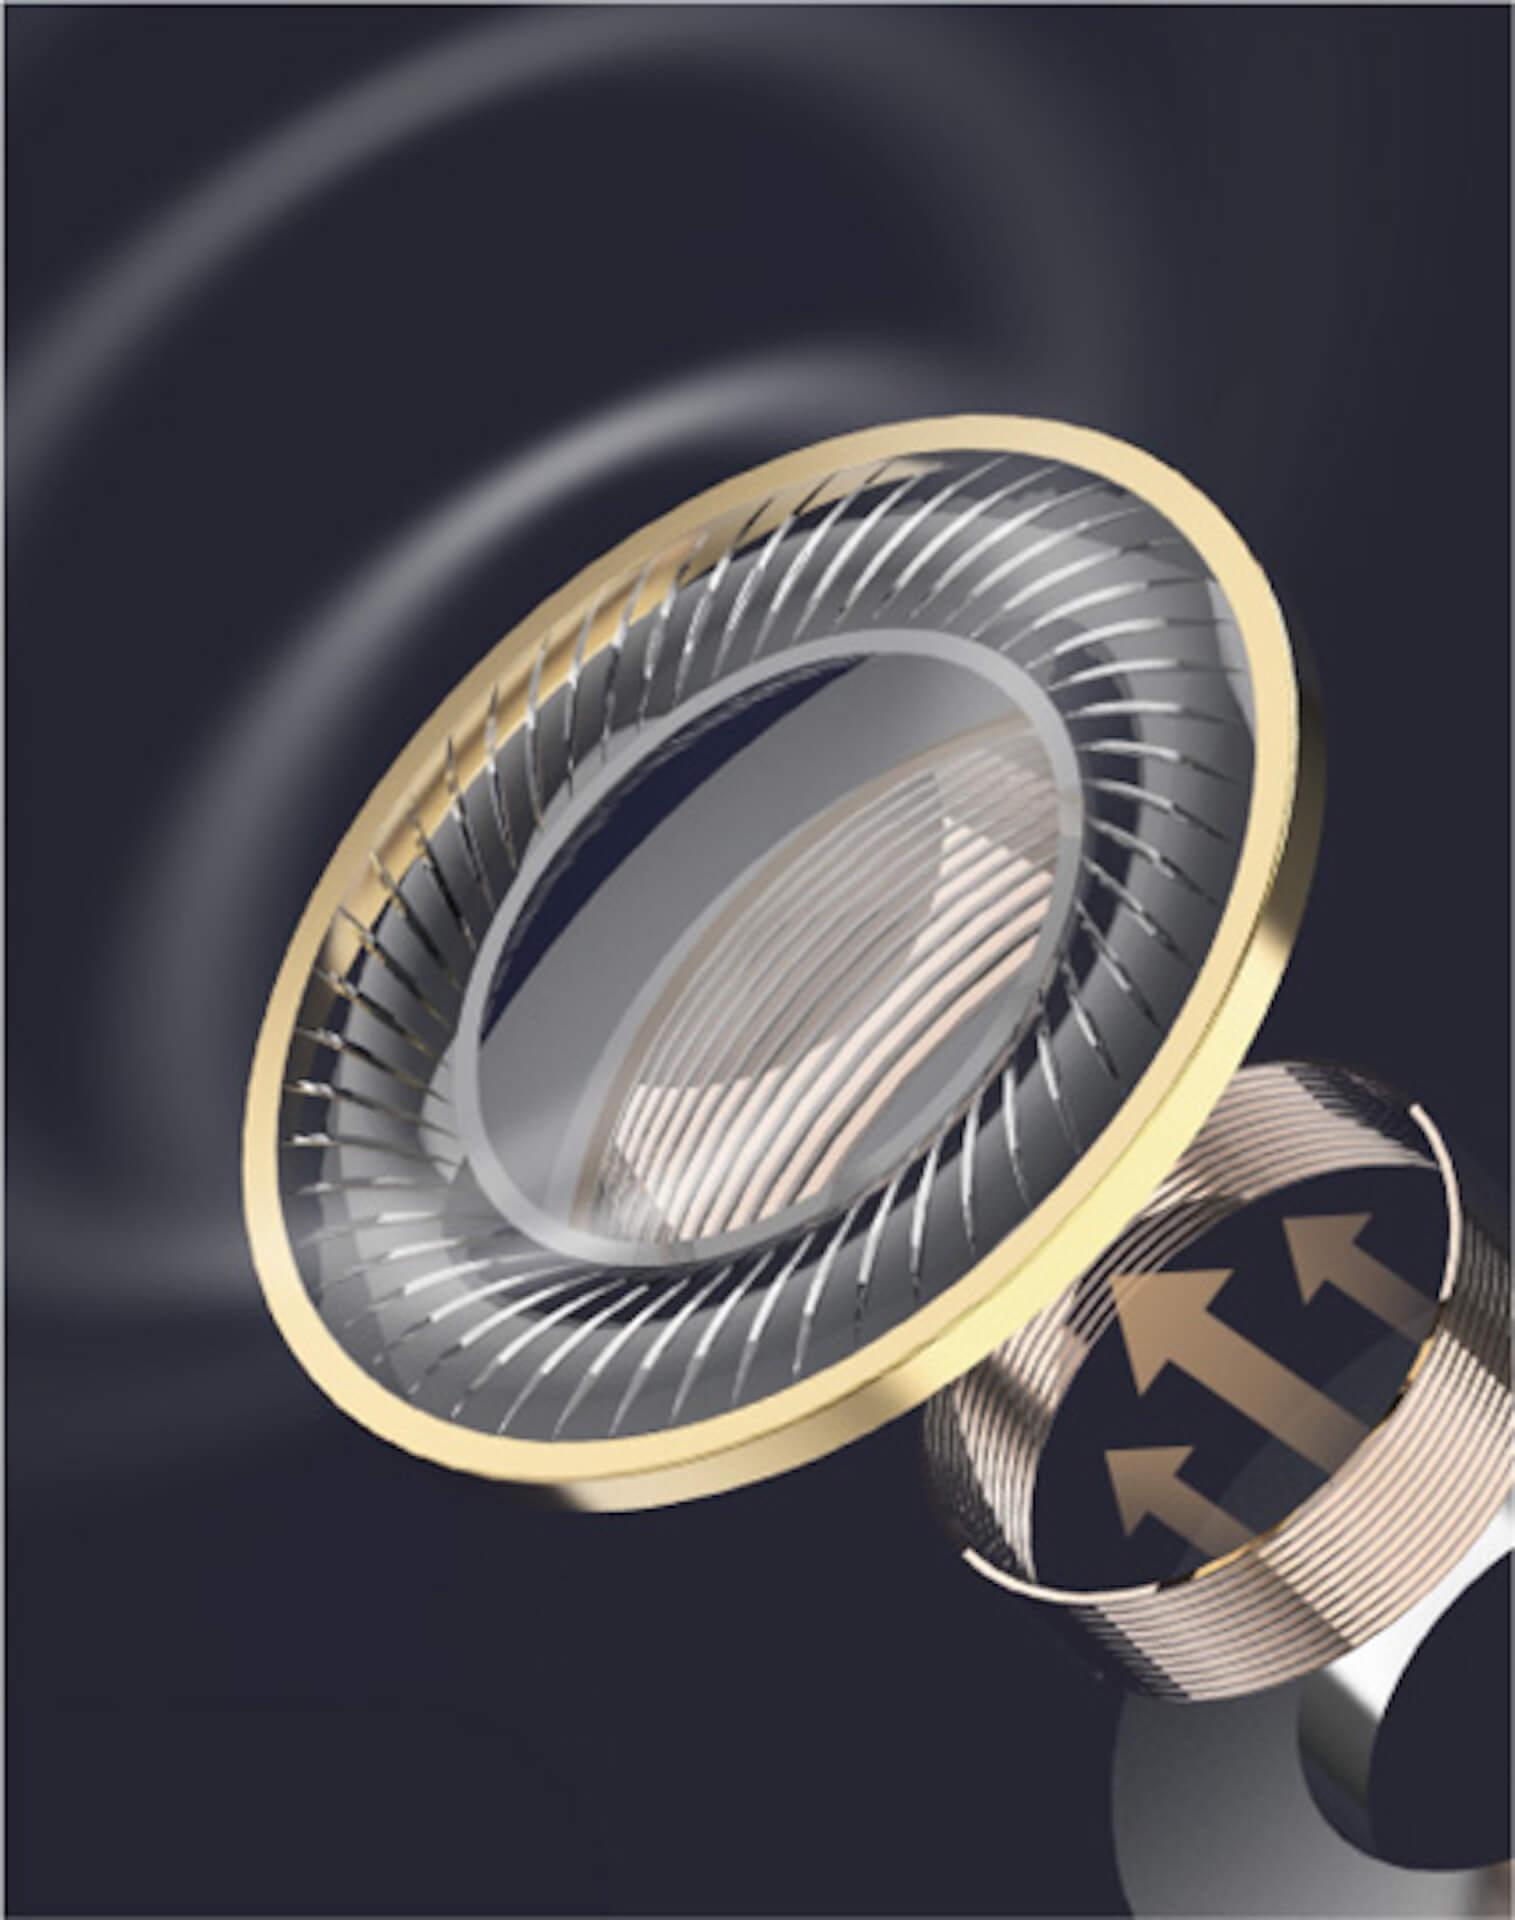 左右独立通信方式を採用した高感度タッチセンサー付きワイヤレスイヤホン「QCY-T5」が登場! img_200230_5